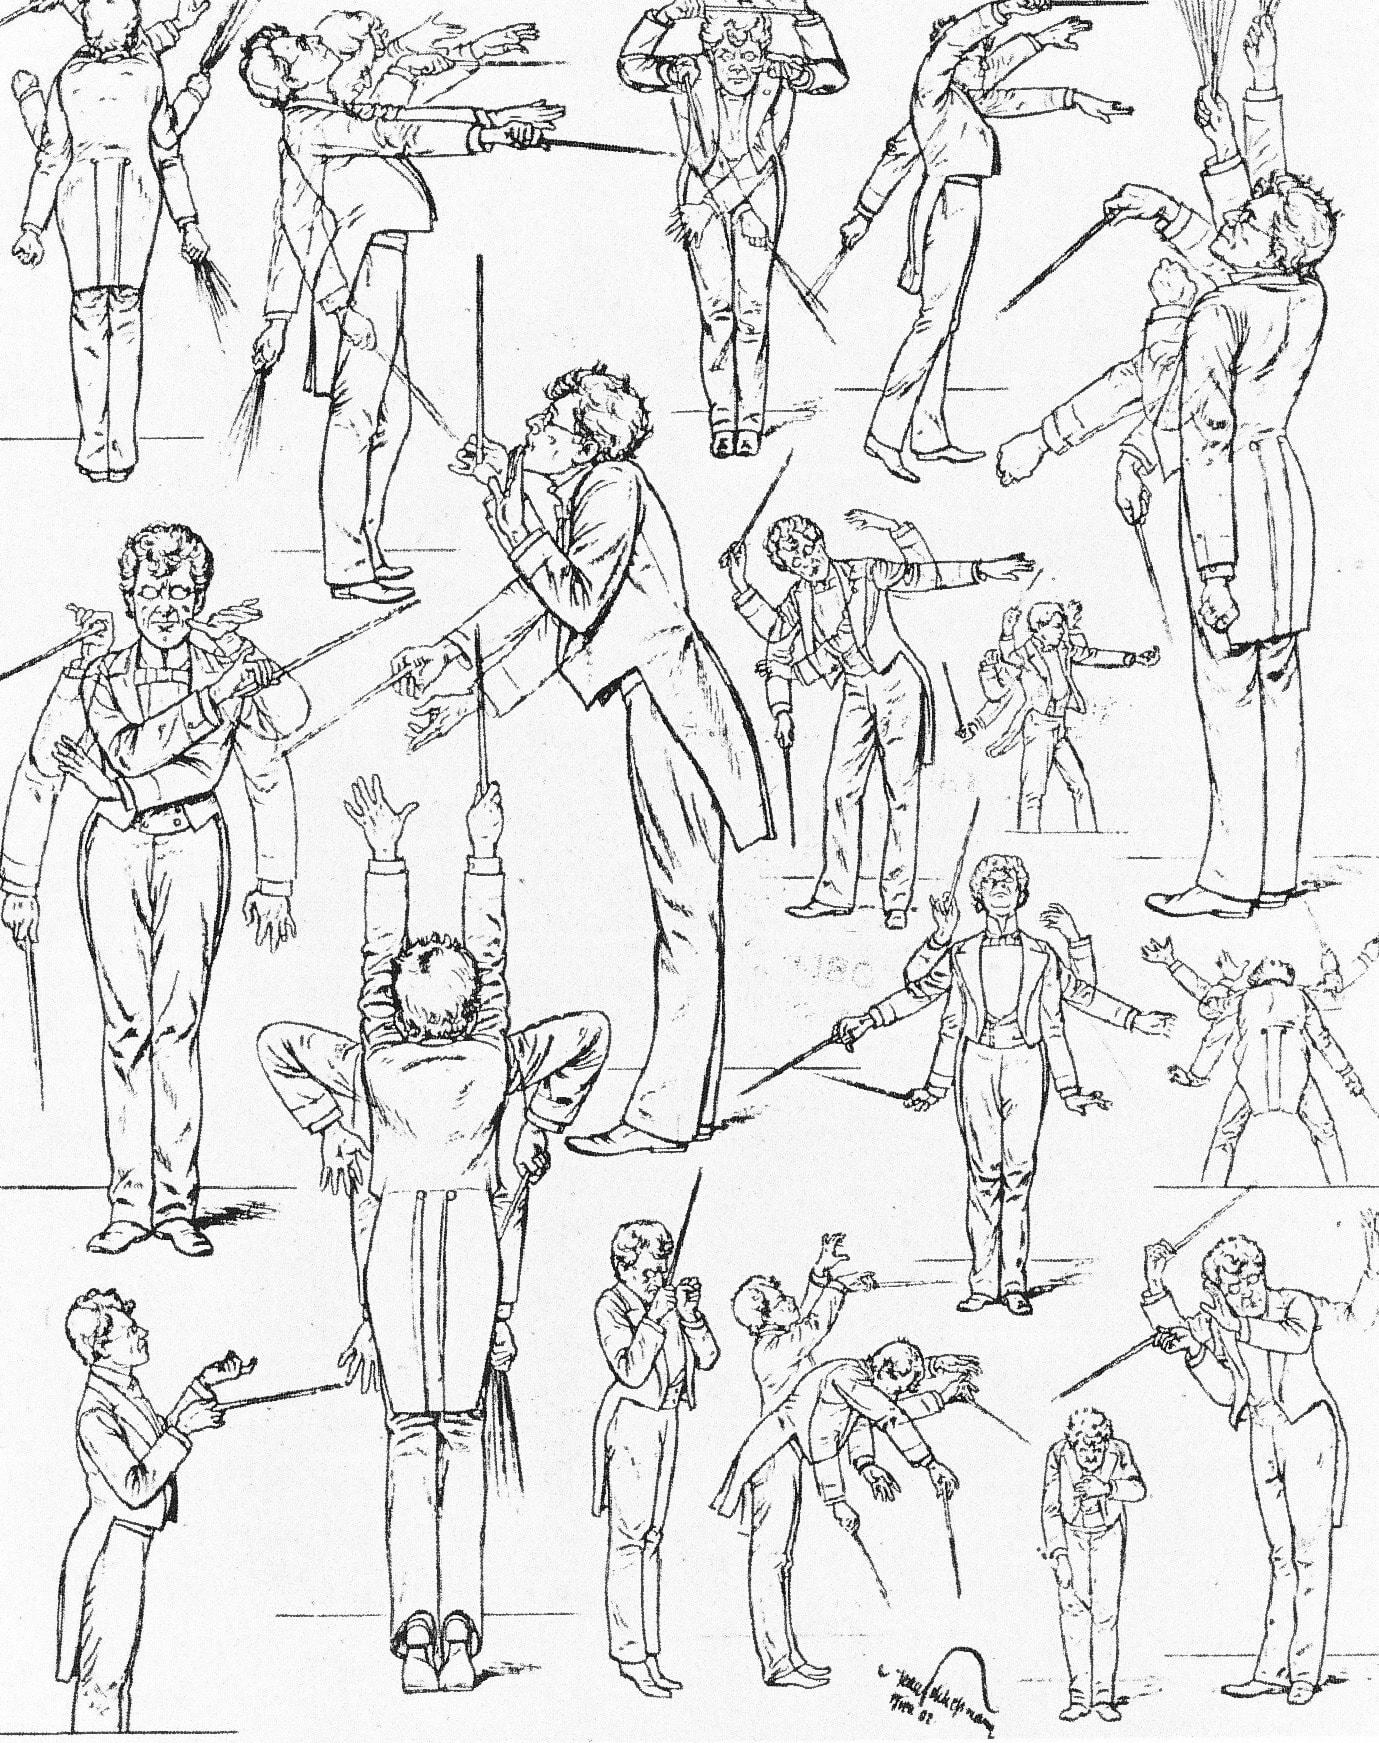 Grandes Directores Orquesta, Compositores, Ilustración